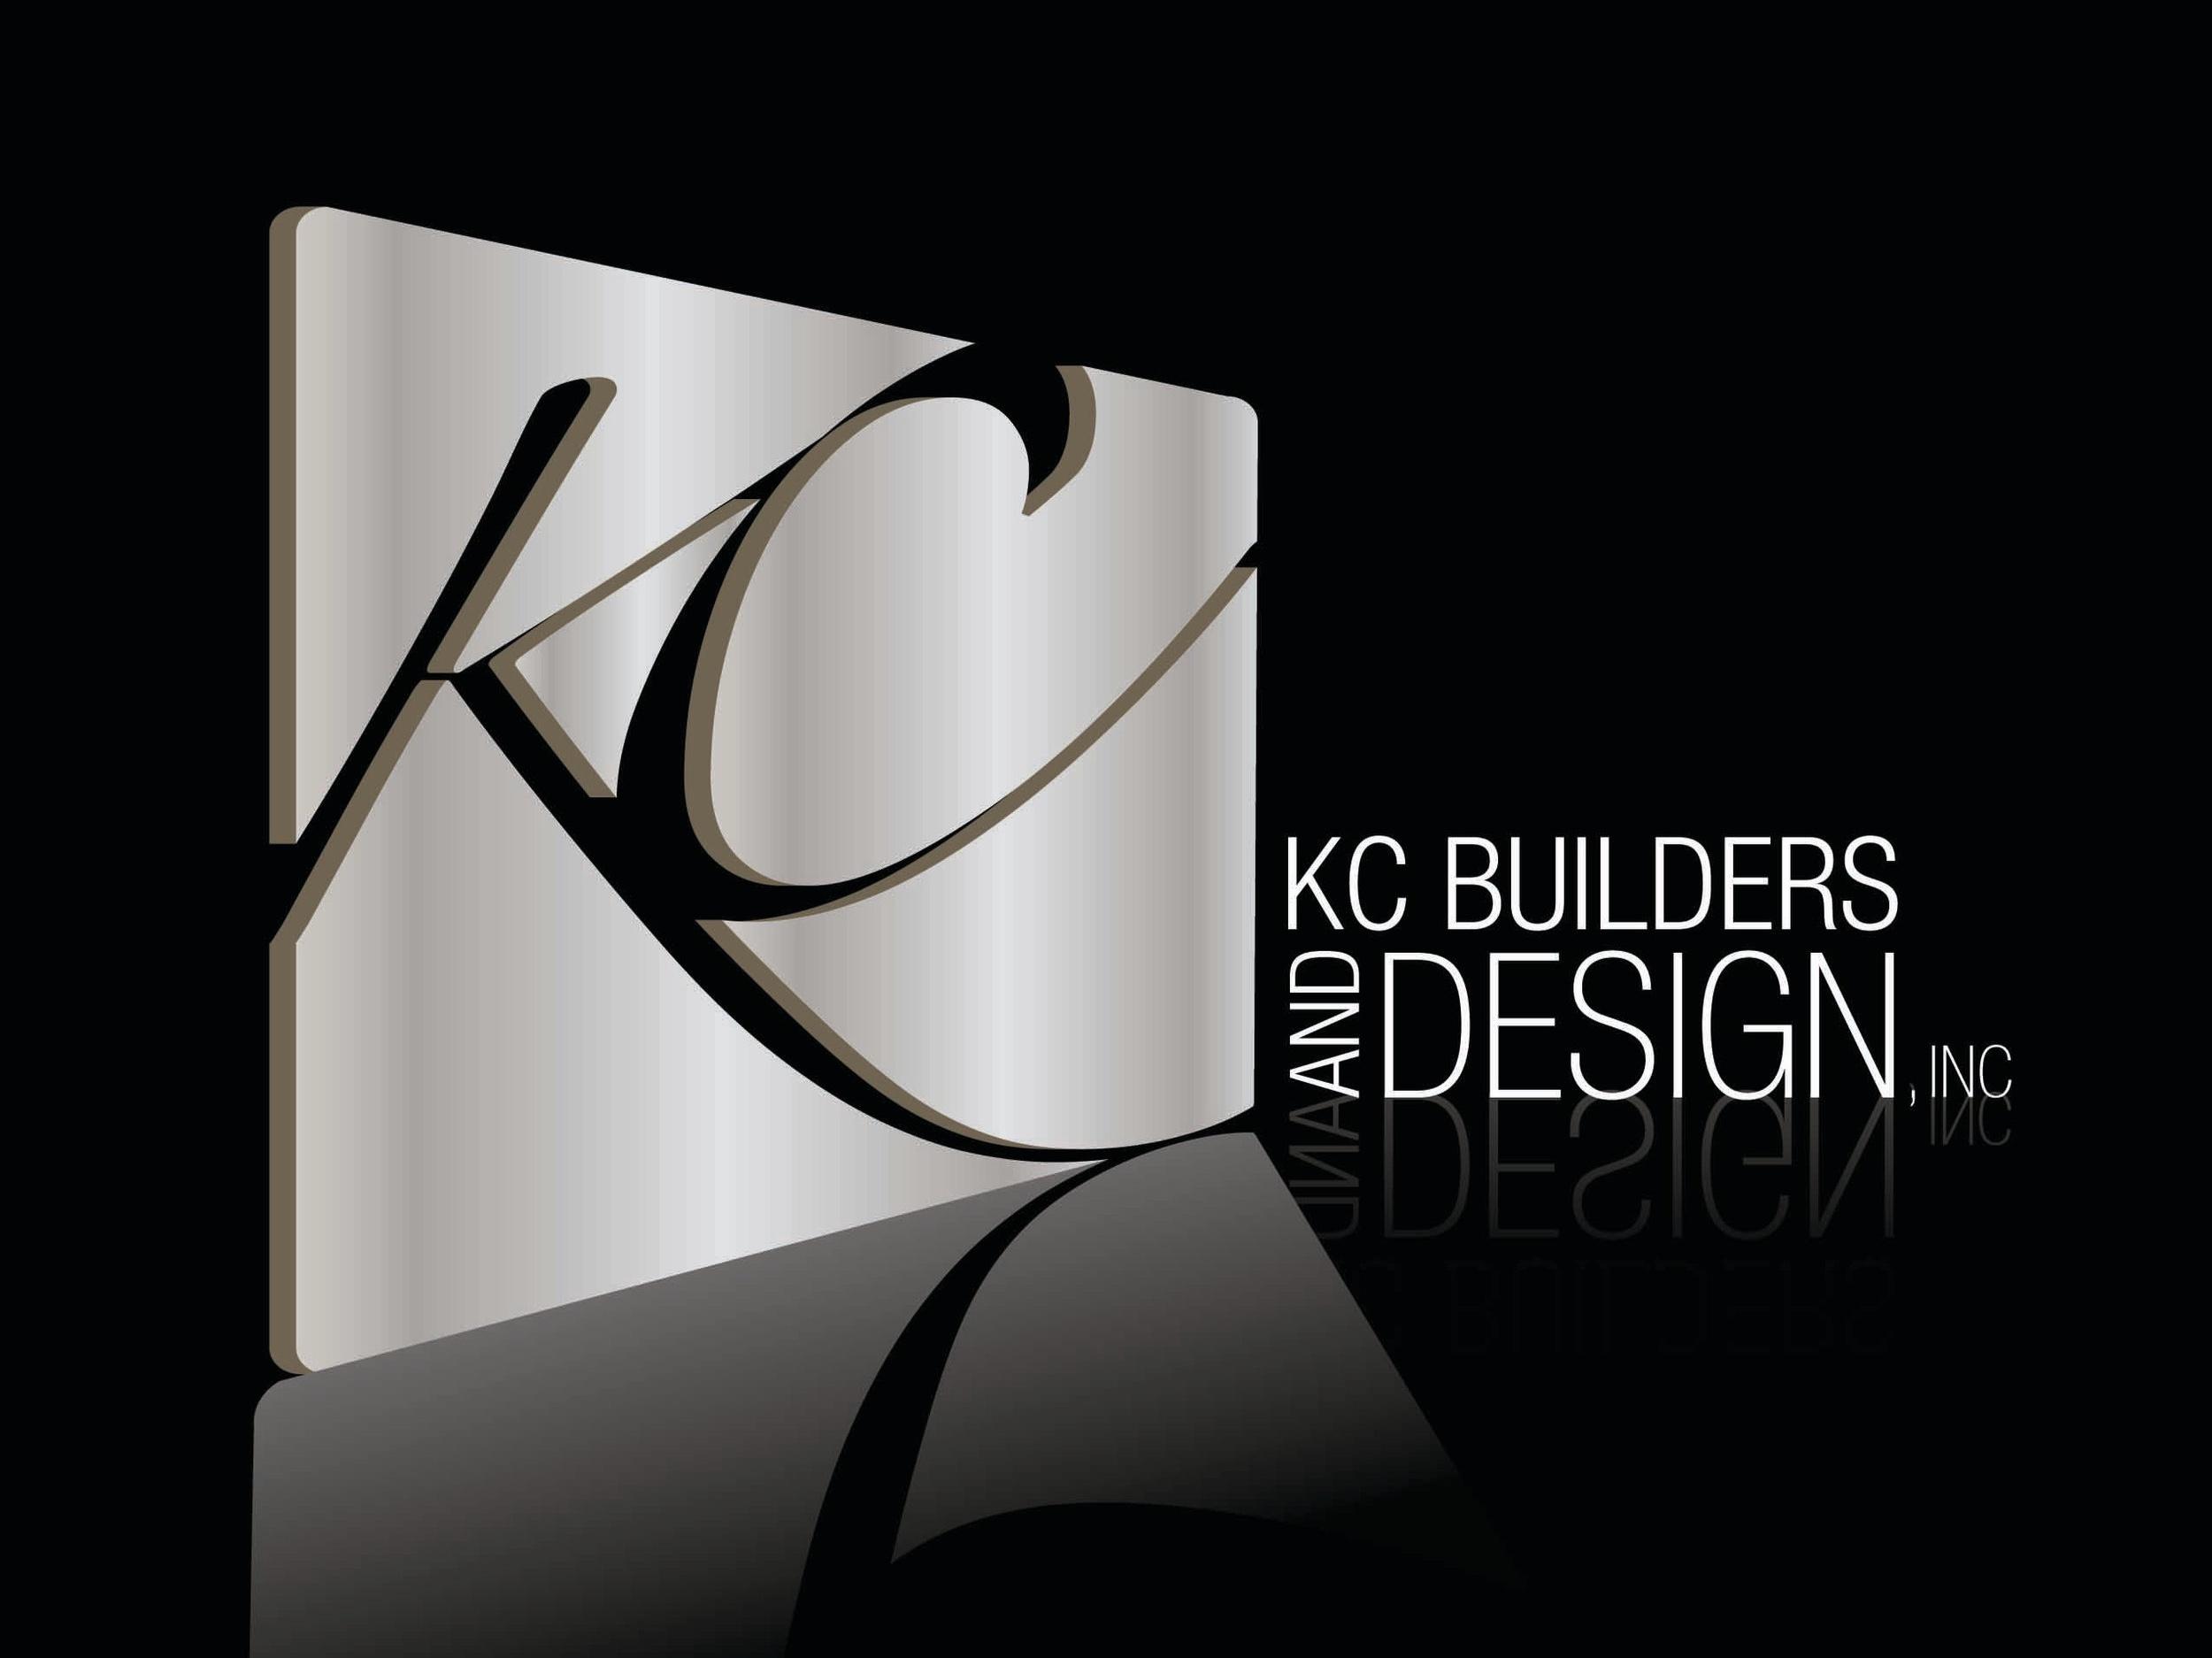 KCBD.jpg